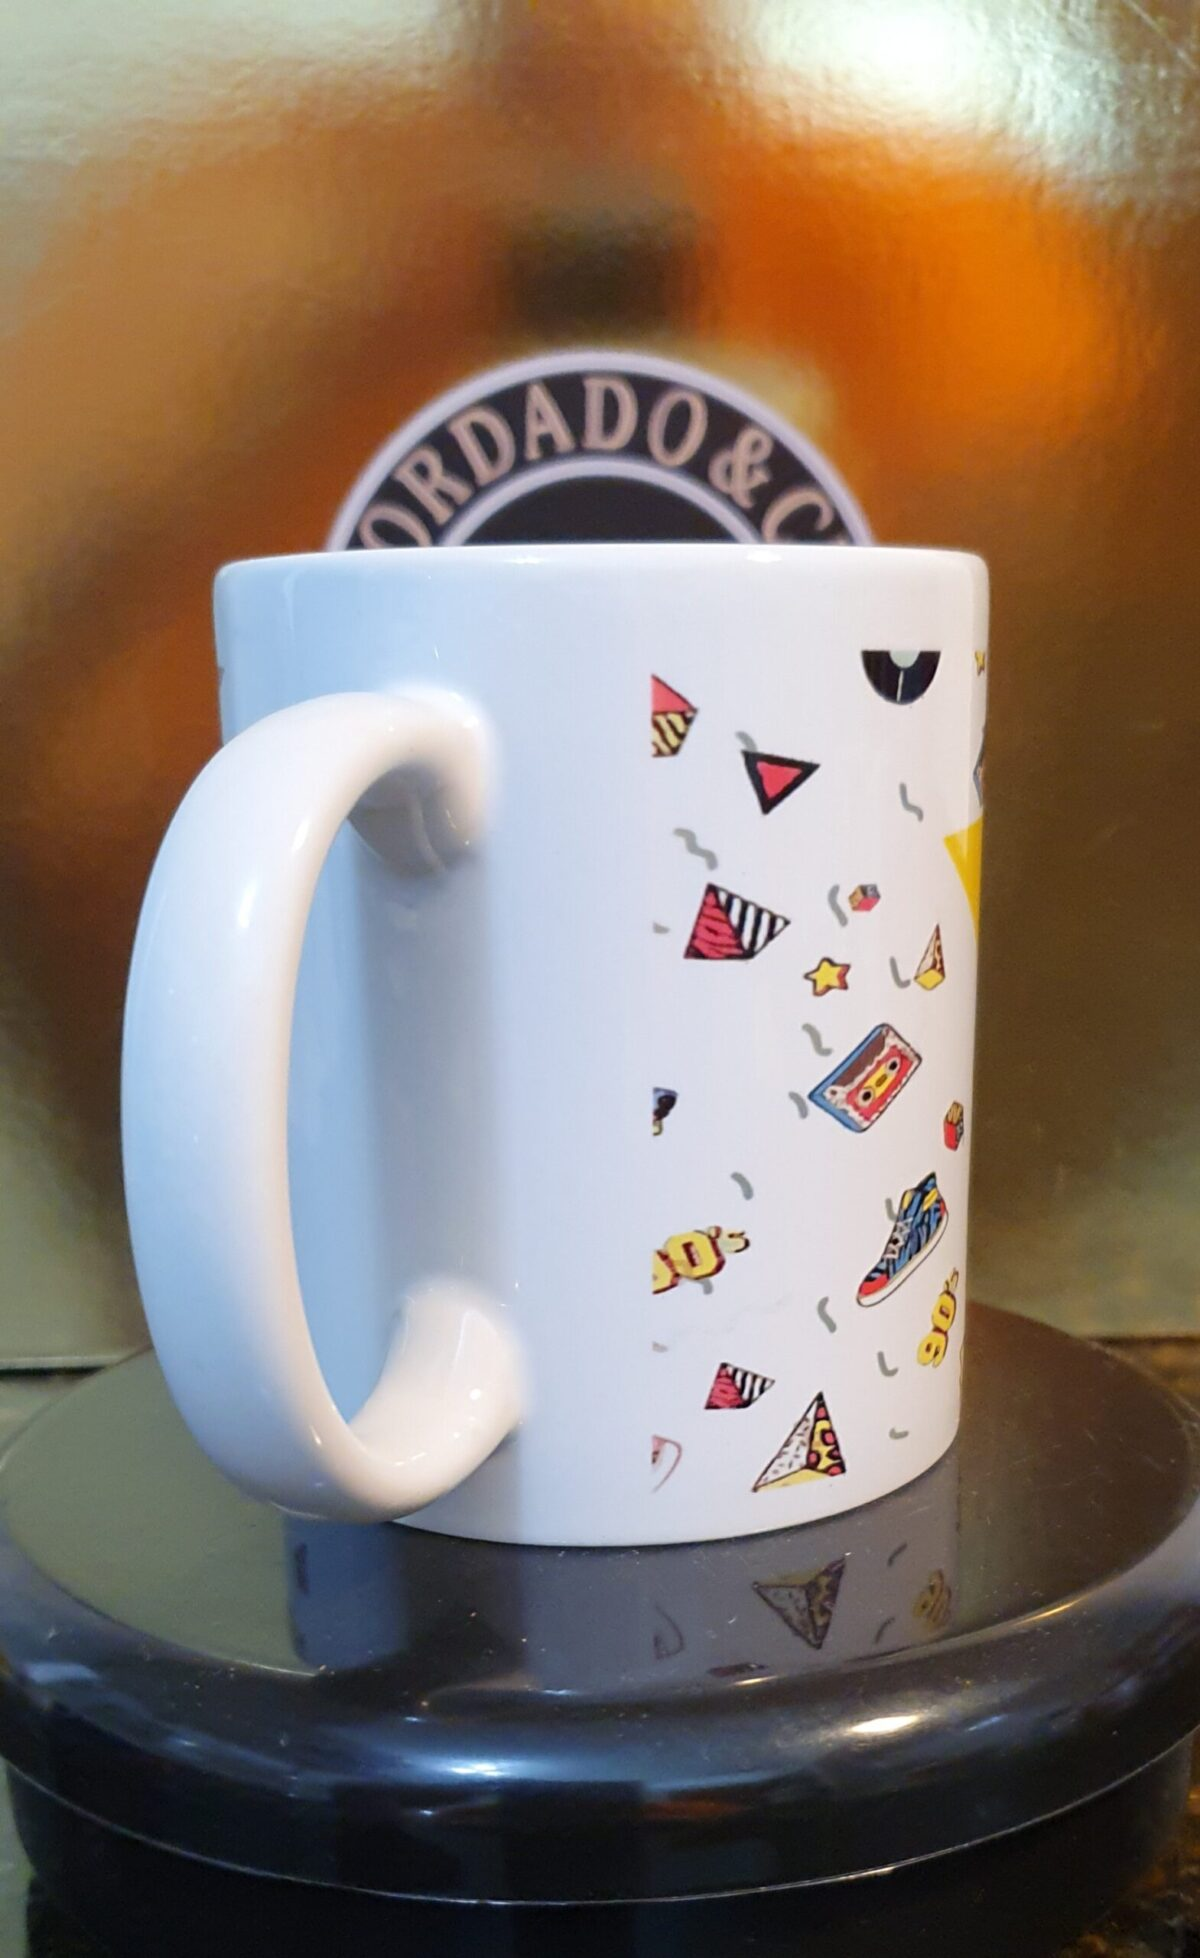 Caneca Oficial da Bordado & Cia Custom - Anos 90's - Back to the 90s Large - by Bordado & Cia - @bordado.cia